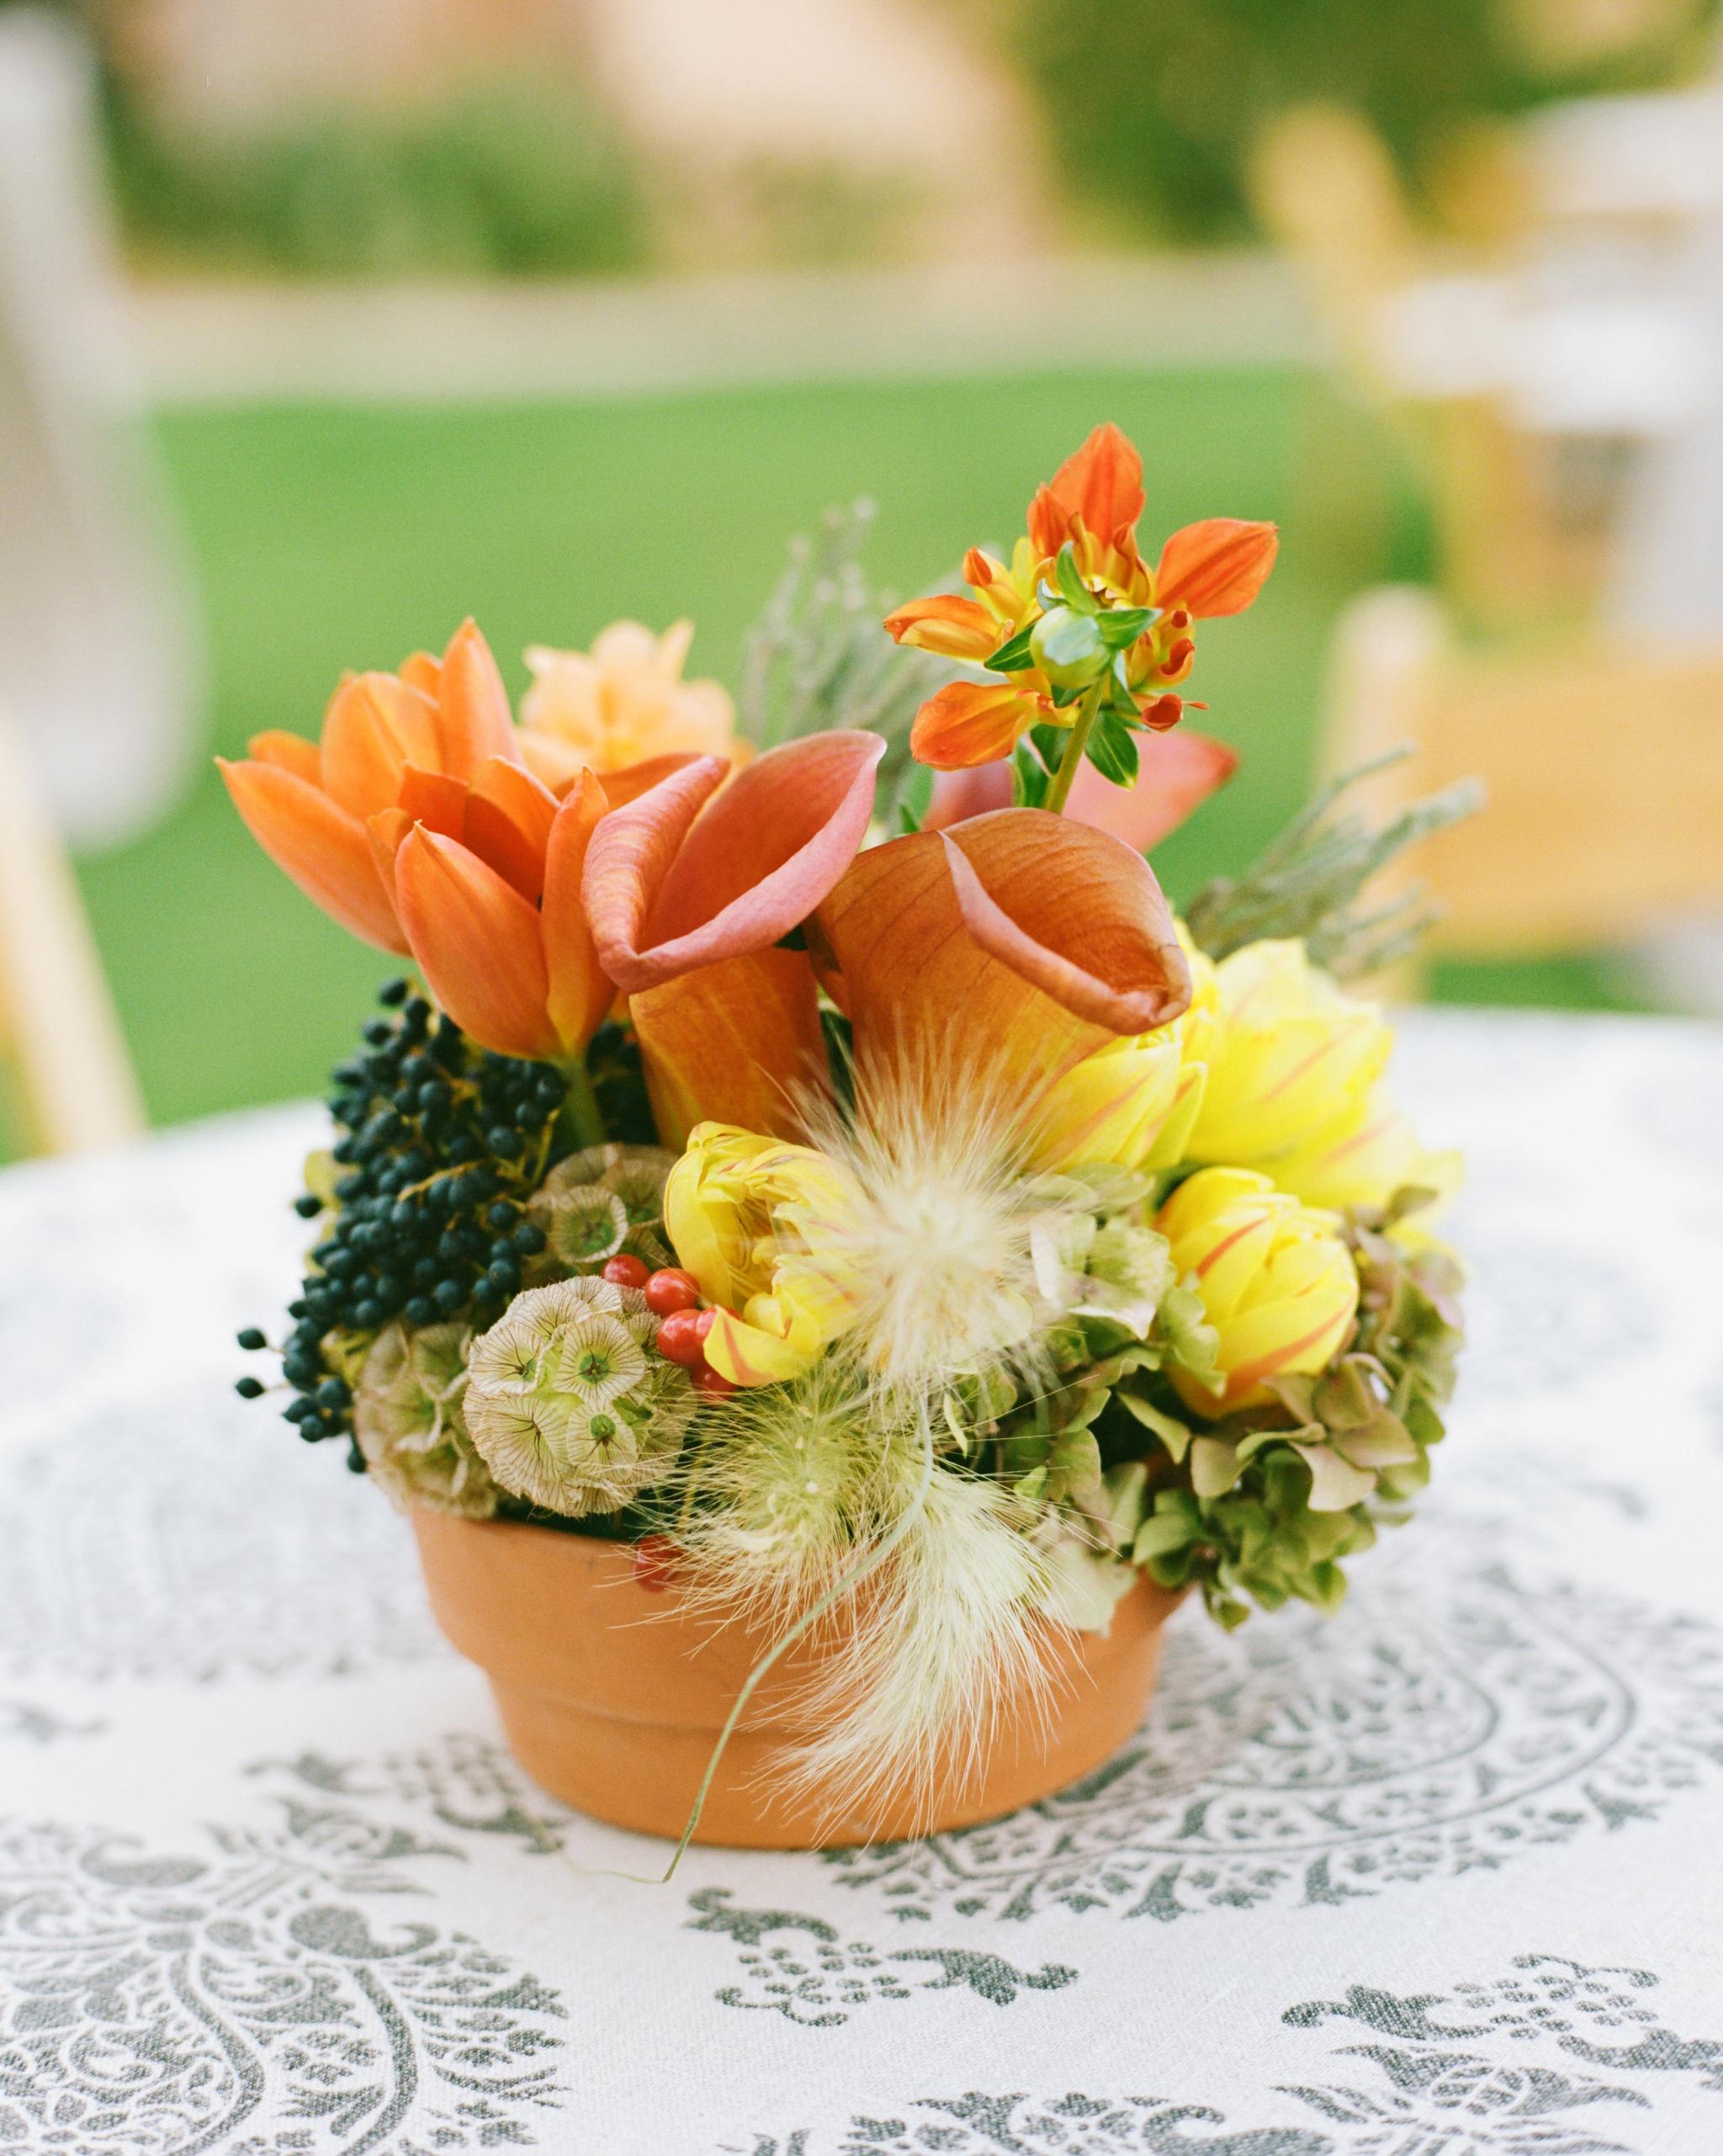 liz-allen-wedding-flowers-0376-s111494-0914.jpg